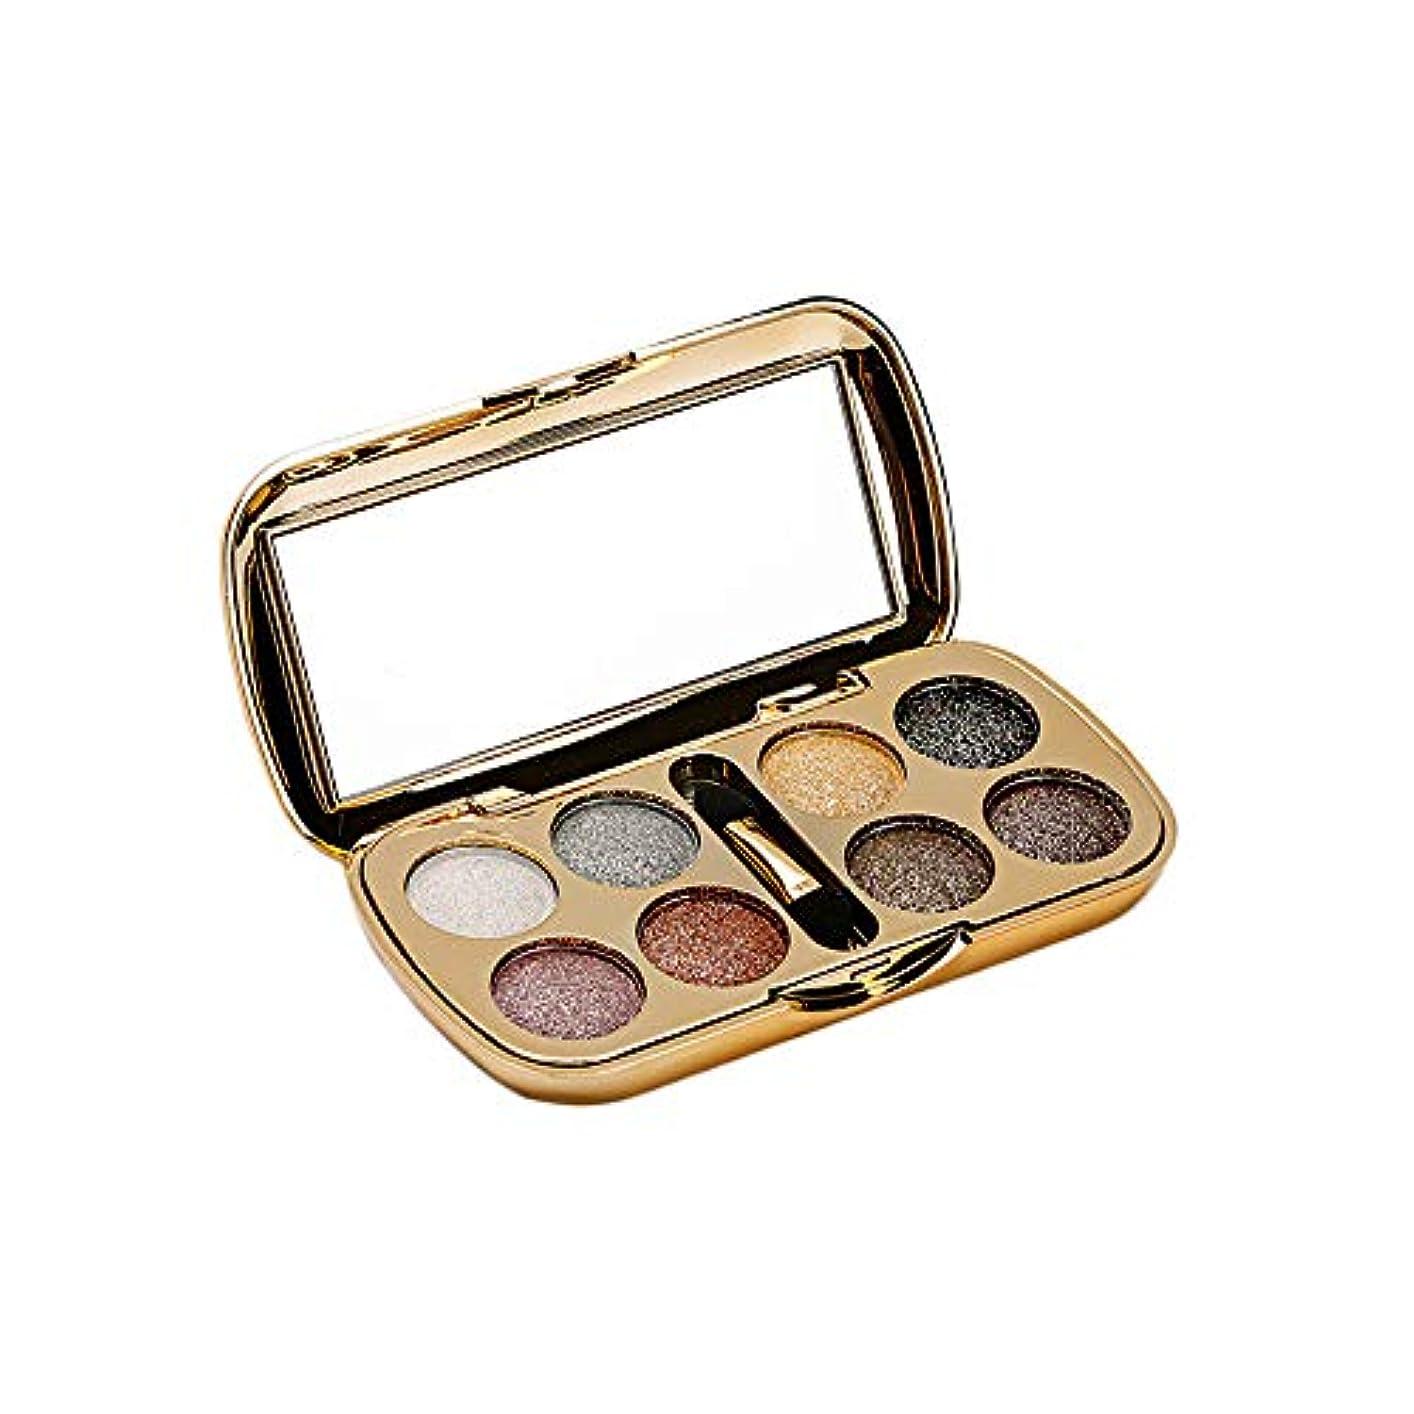 所有者エアコン条約Akane アイシャドウパレット Lameila 綺麗 魅力的 ファッション 人気 気質的 キラキラ ダイヤモンド チャーム 防水 長持ち おしゃれ 持ち便利 Eye Shadow (8色) 3551